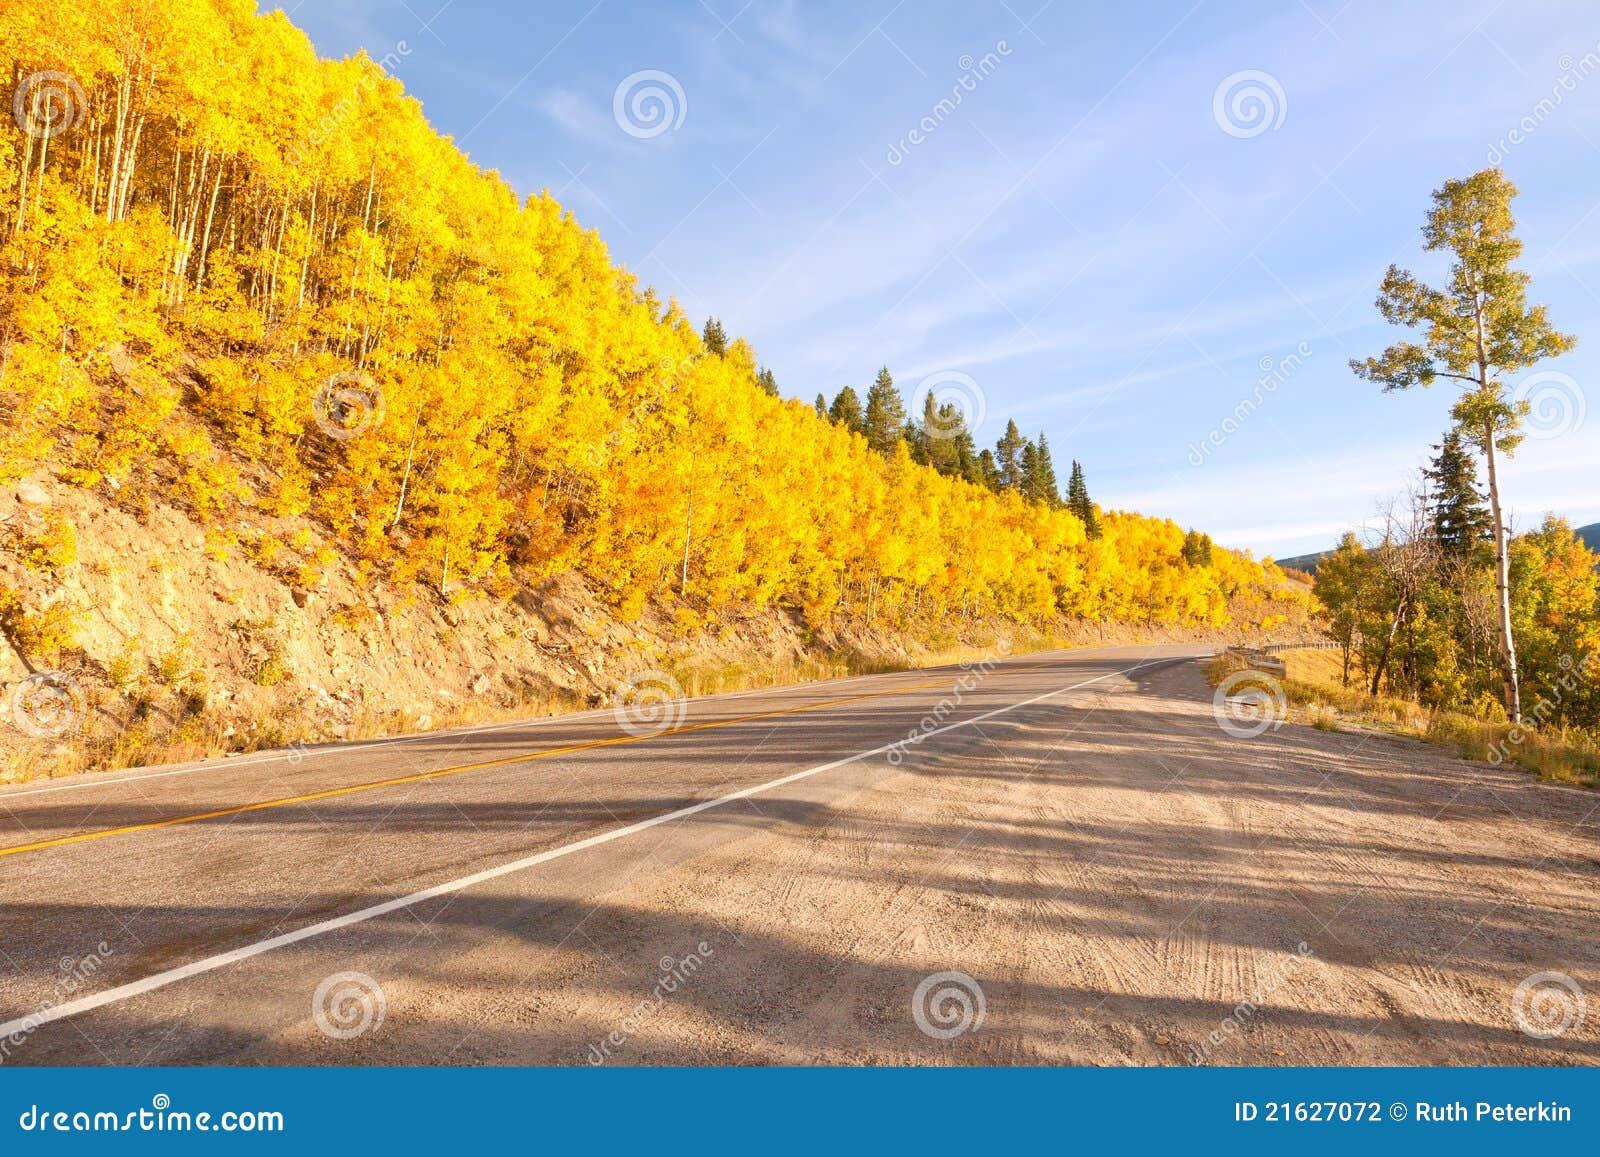 科罗拉多独立通过路